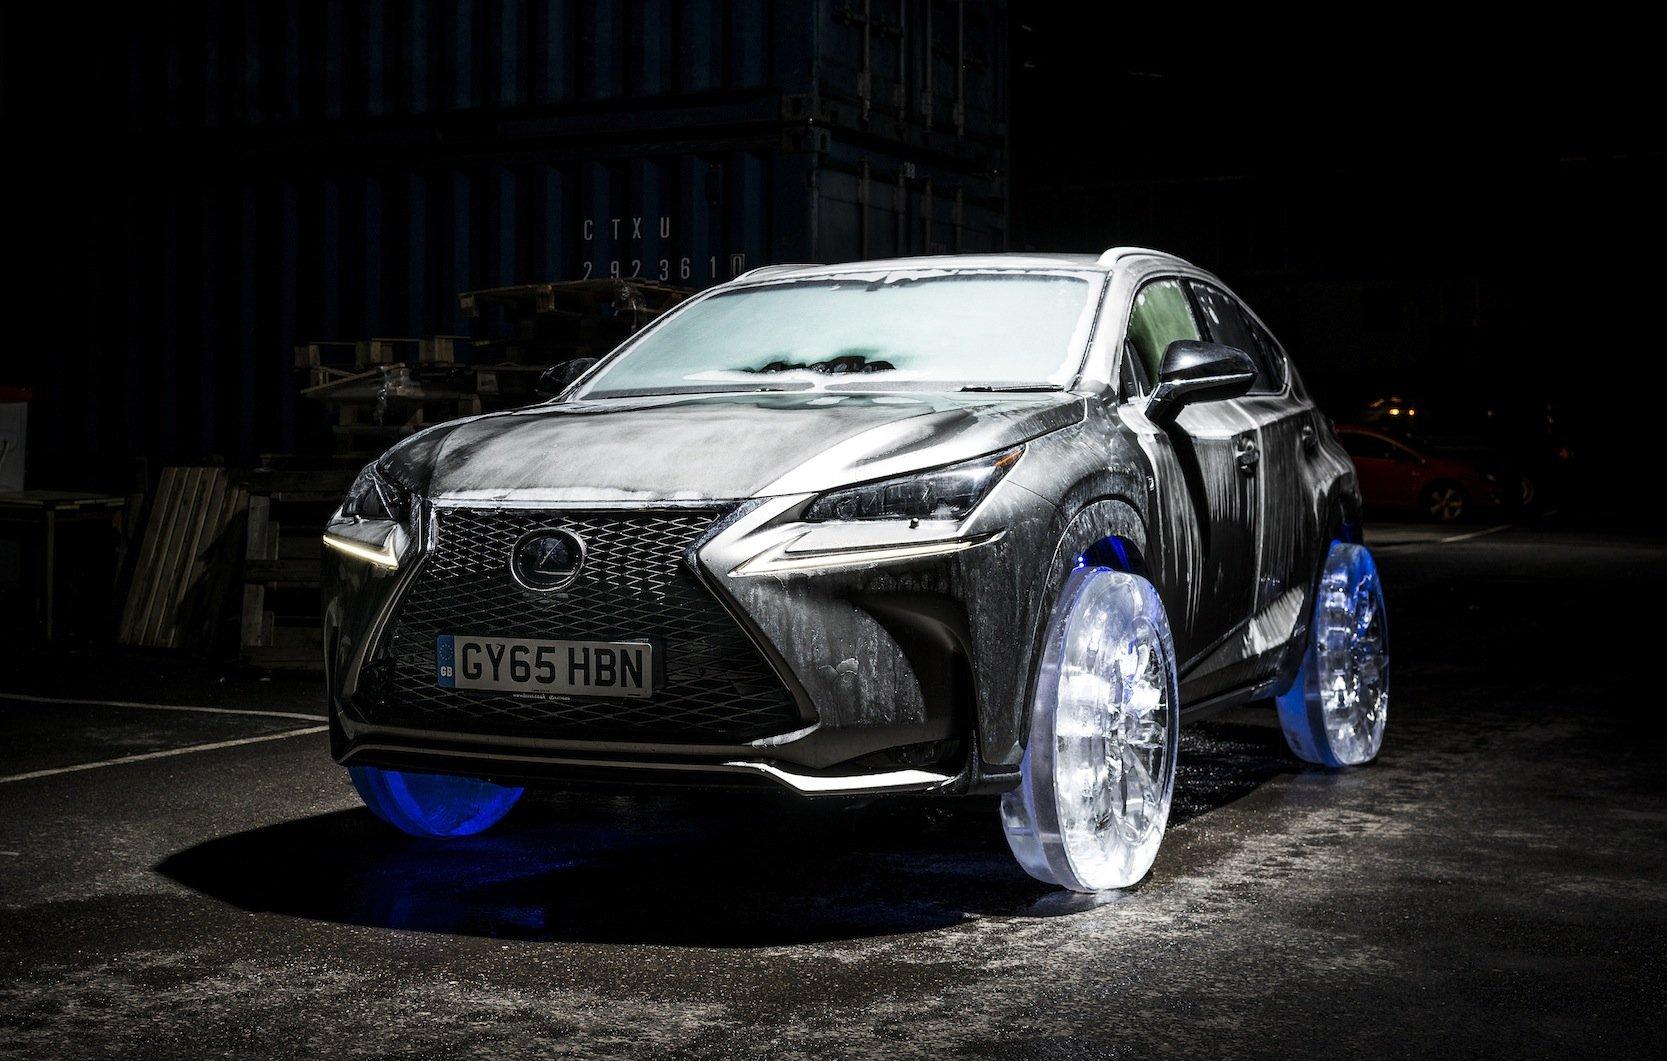 Für die PR-Aktion eines Lexus aus Räder auf Eis wurde das Auto, ein Luxus NX, fünf Tage lang in einer Kammer tiefgefroren.